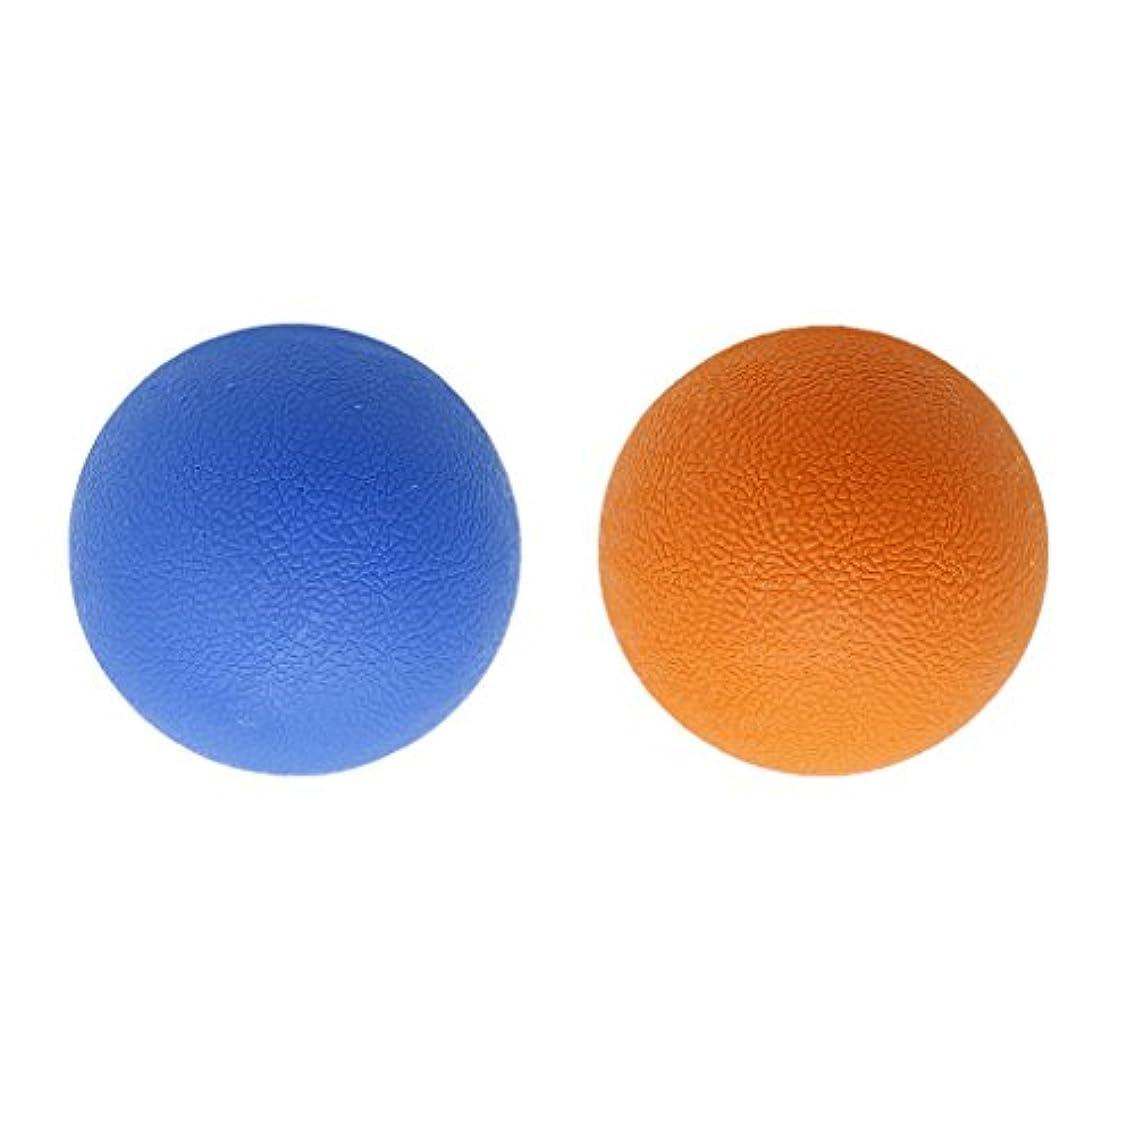 サイレン危険債務マッサージボール トリガーポイント ラクロスボール 弾性TPE ストレッチボール 多色選べる - オレンジブルー